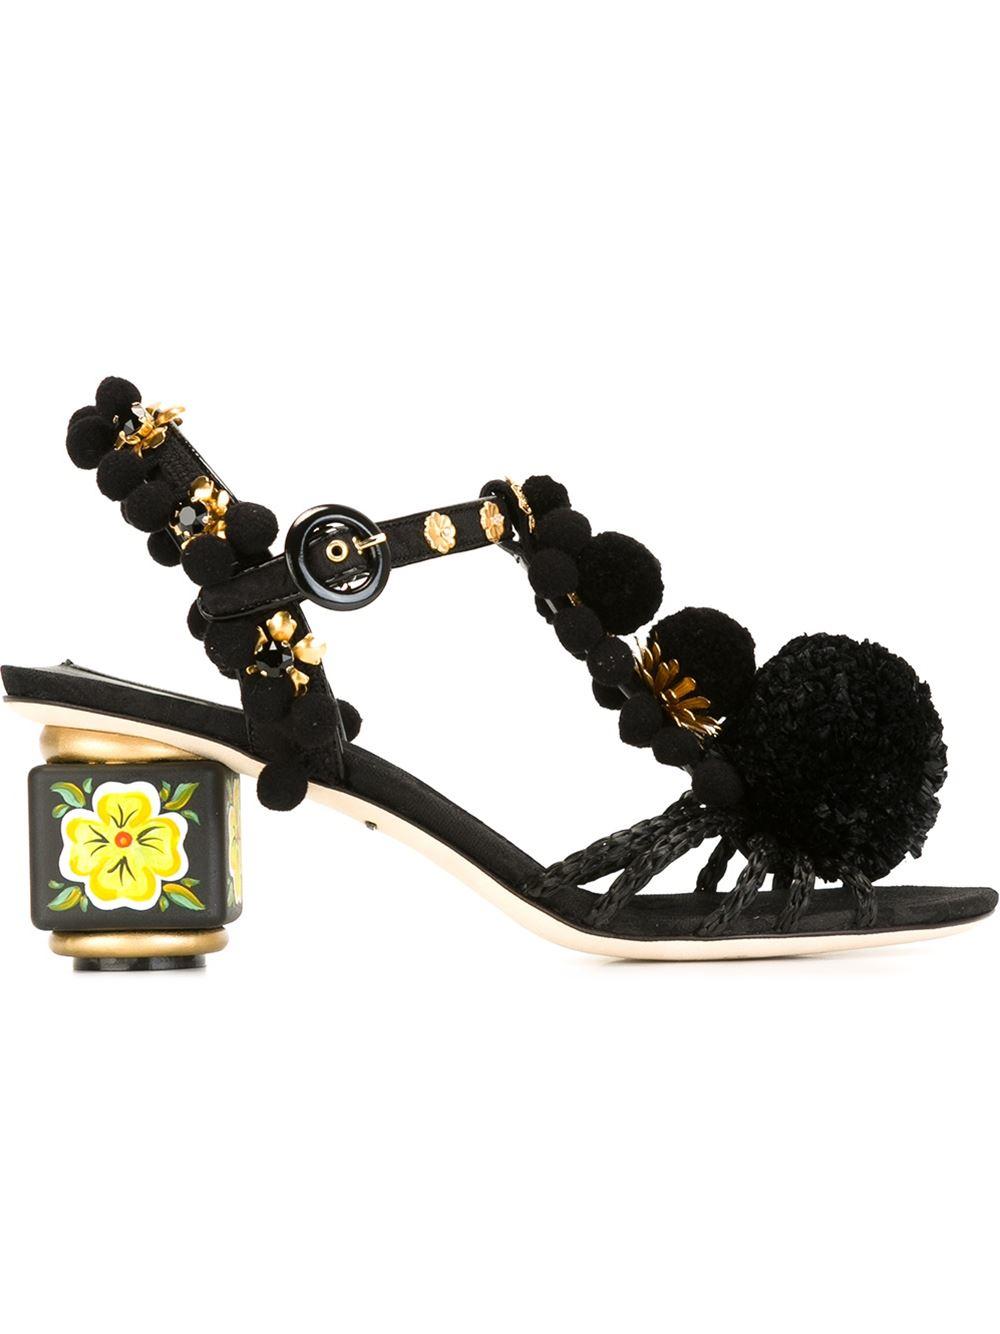 Daily Heel | Dolce & Gabbana